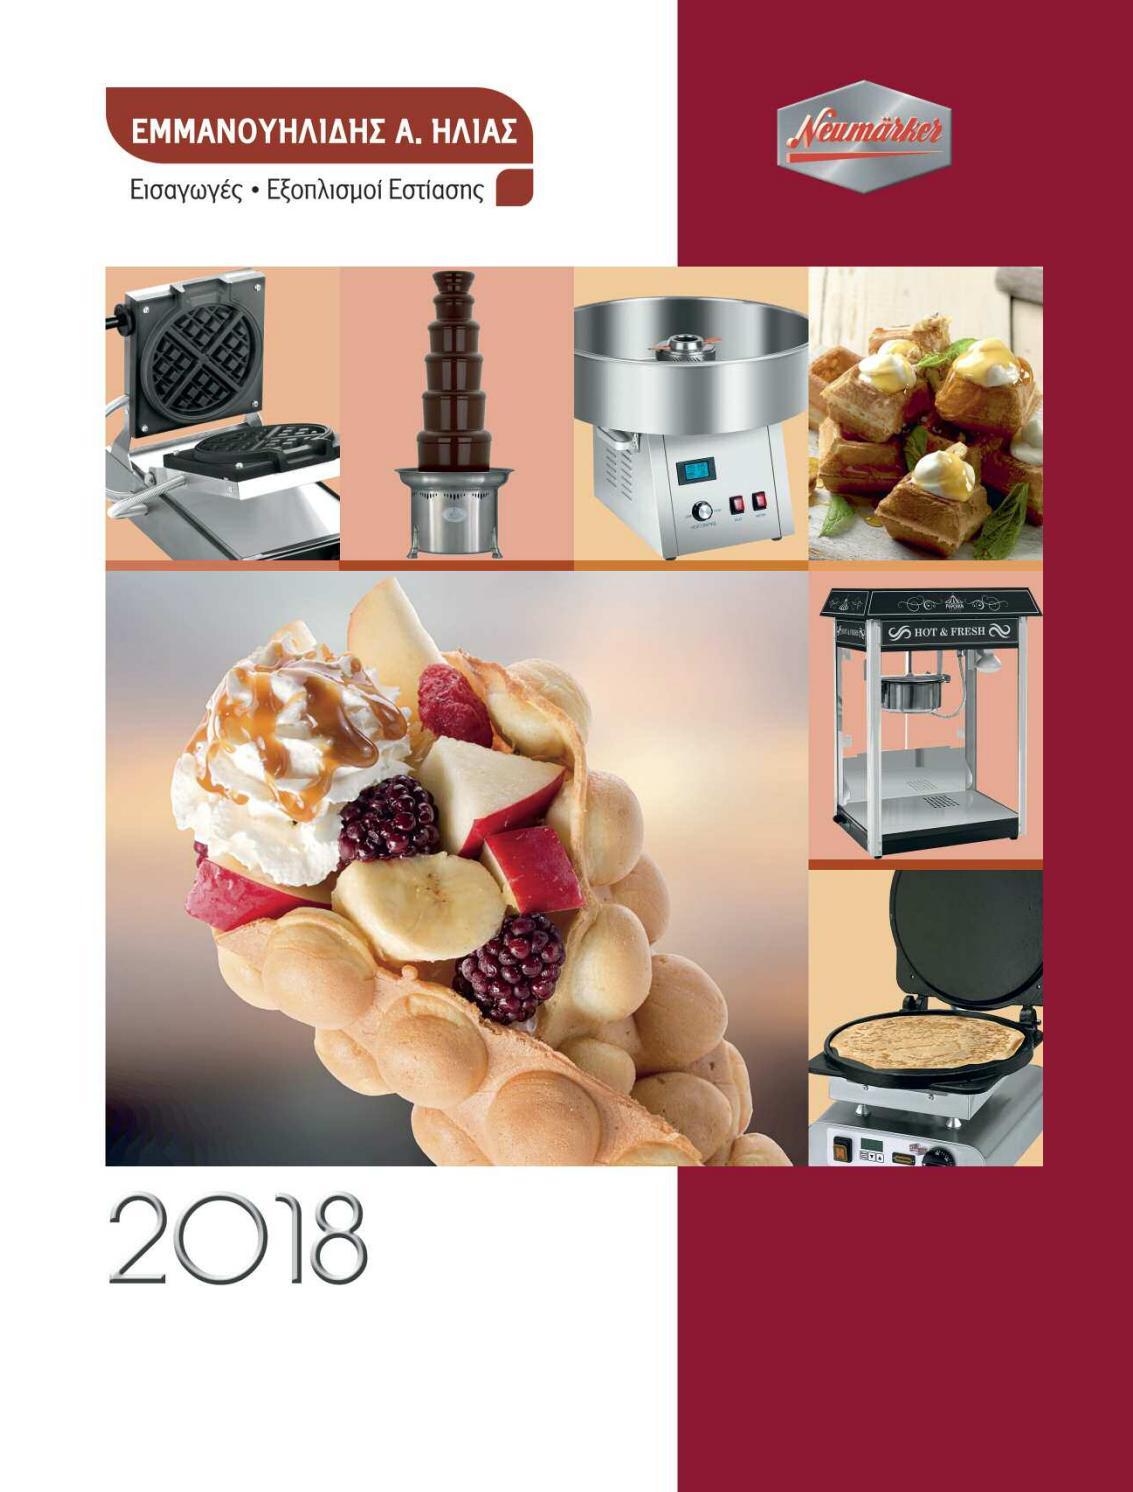 Waffles Grill Emmanouilidis Ilias K Sia OE Catalog 2018 by Grill.gr - issuu e6dd949c6a5